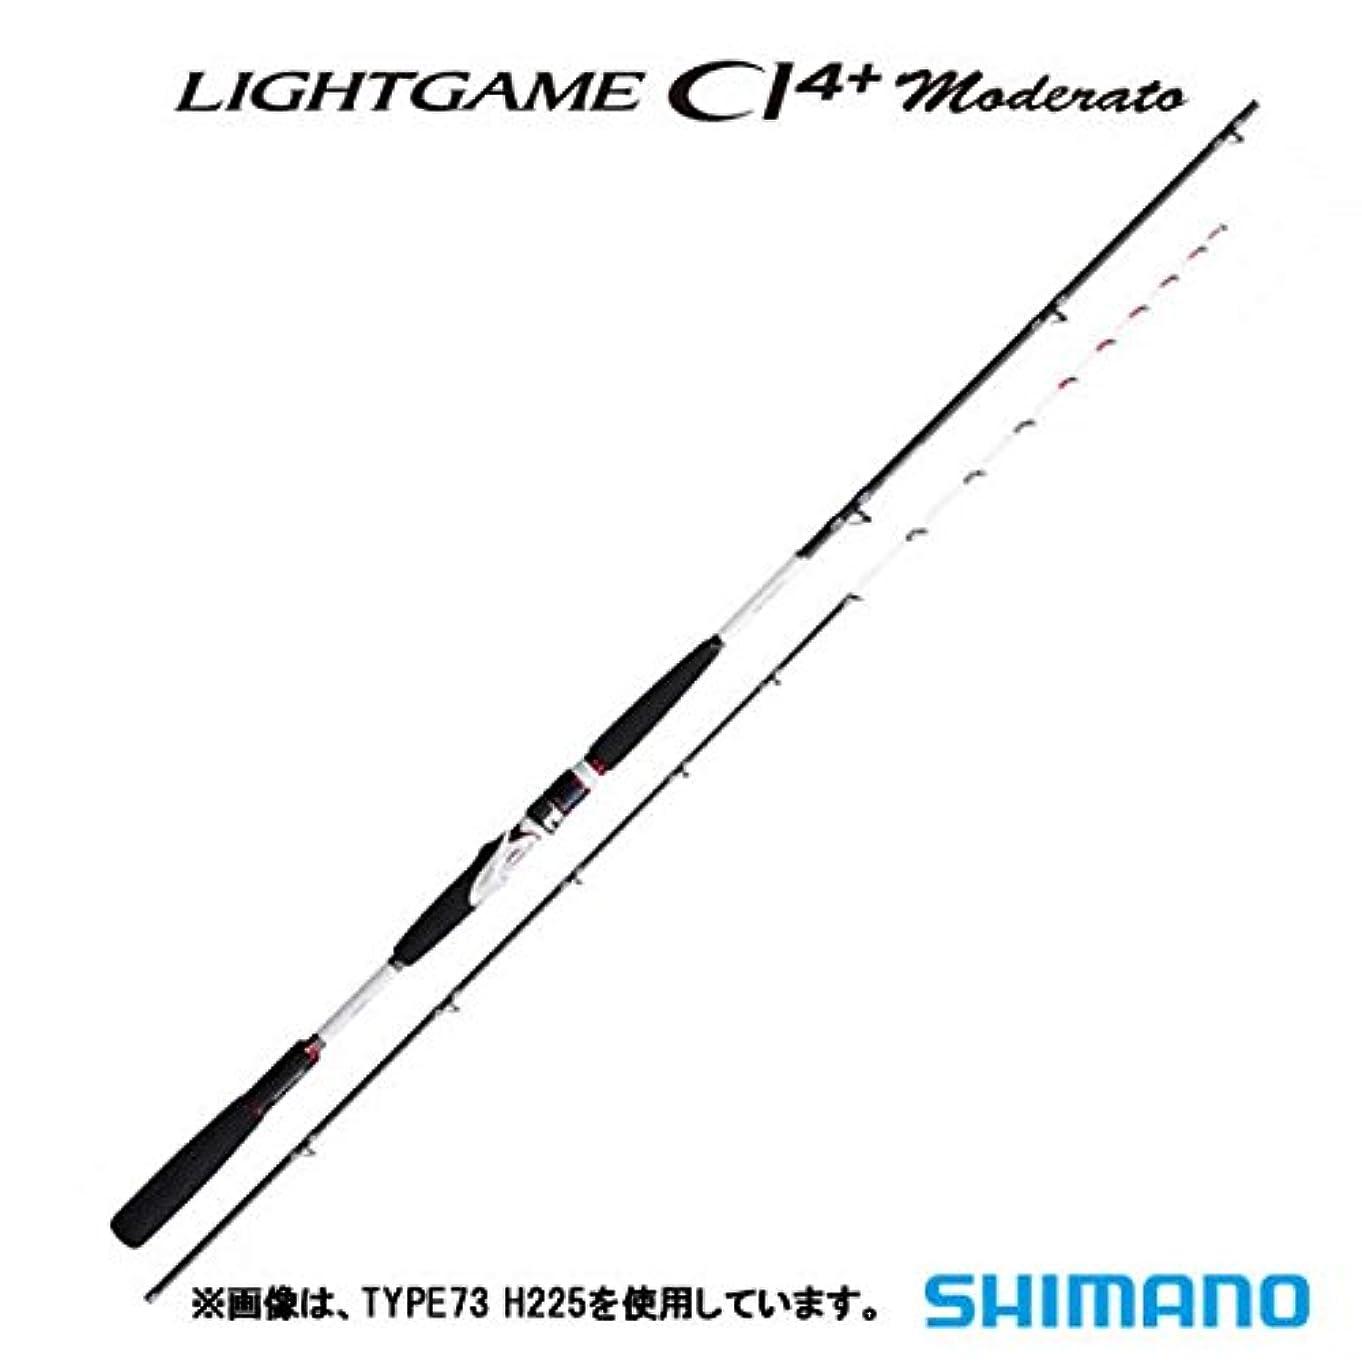 シンジケート強大な一生シマノ(SHIMANO) ロッド 船竿 ライトゲームCI4+ モデラート TYPE64 M260